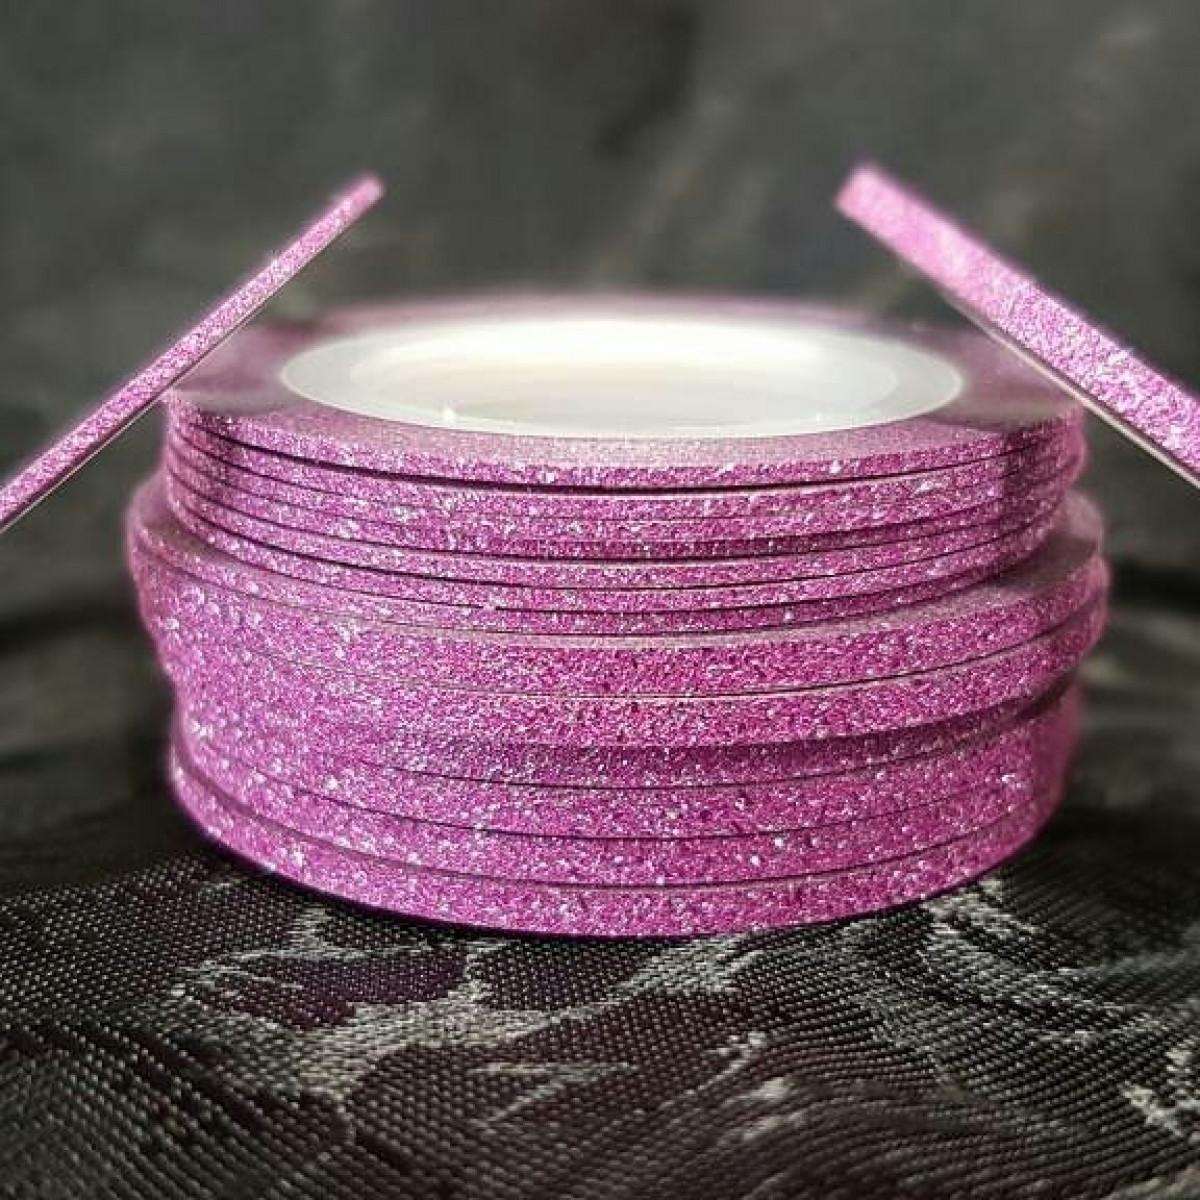 Мерехтлива стрічка для дизайну 3 мм рожевий, Arti